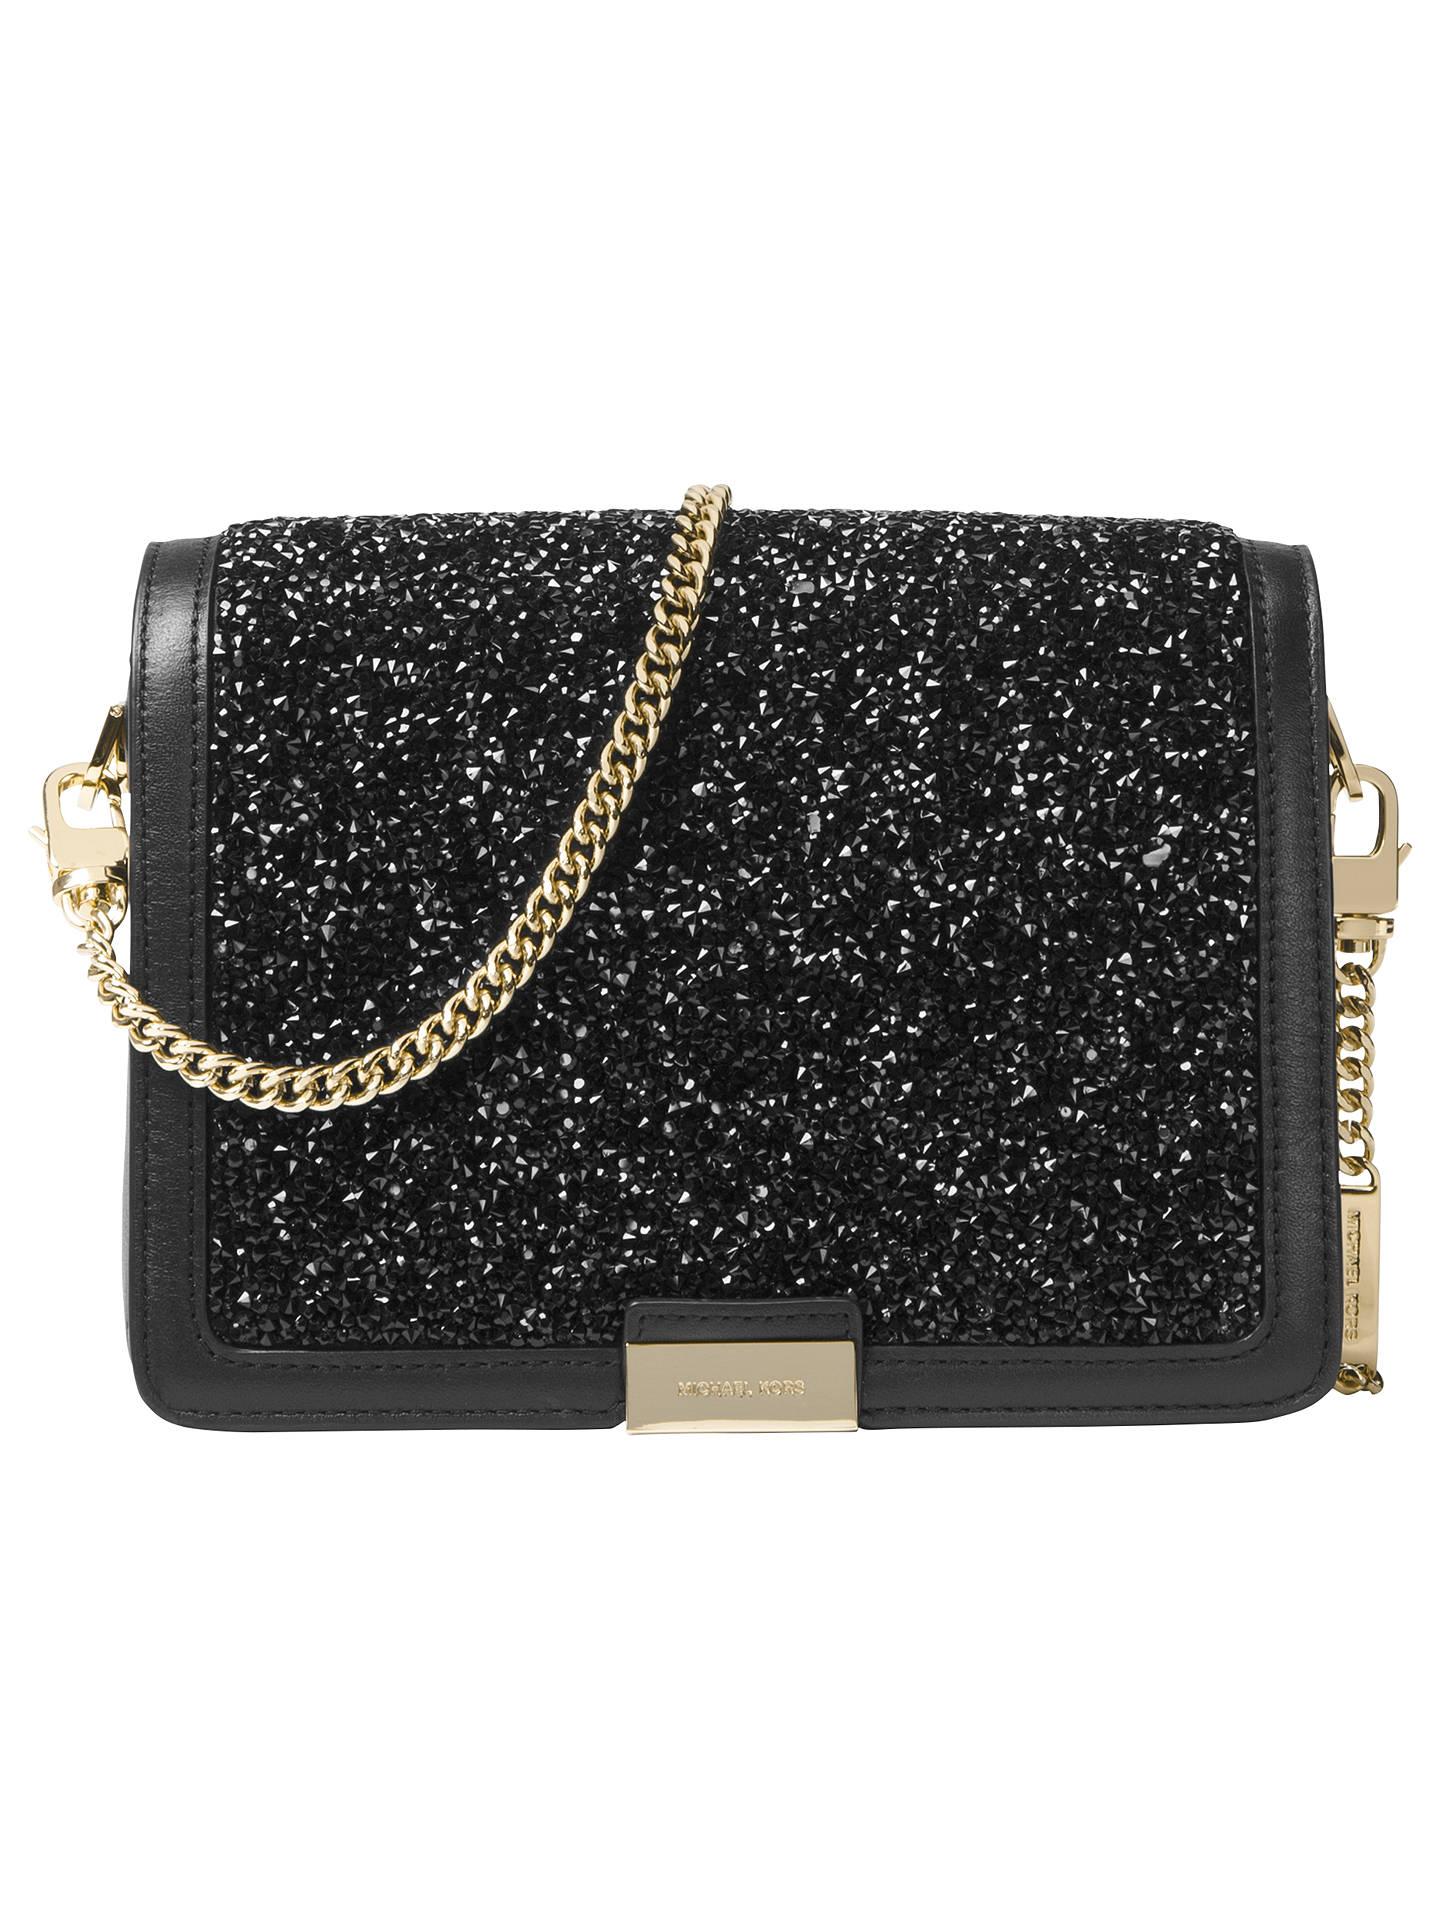 1818e9e0786e5 Buy MICHAEL Michael Kors Jade Beaded Clutch Bag